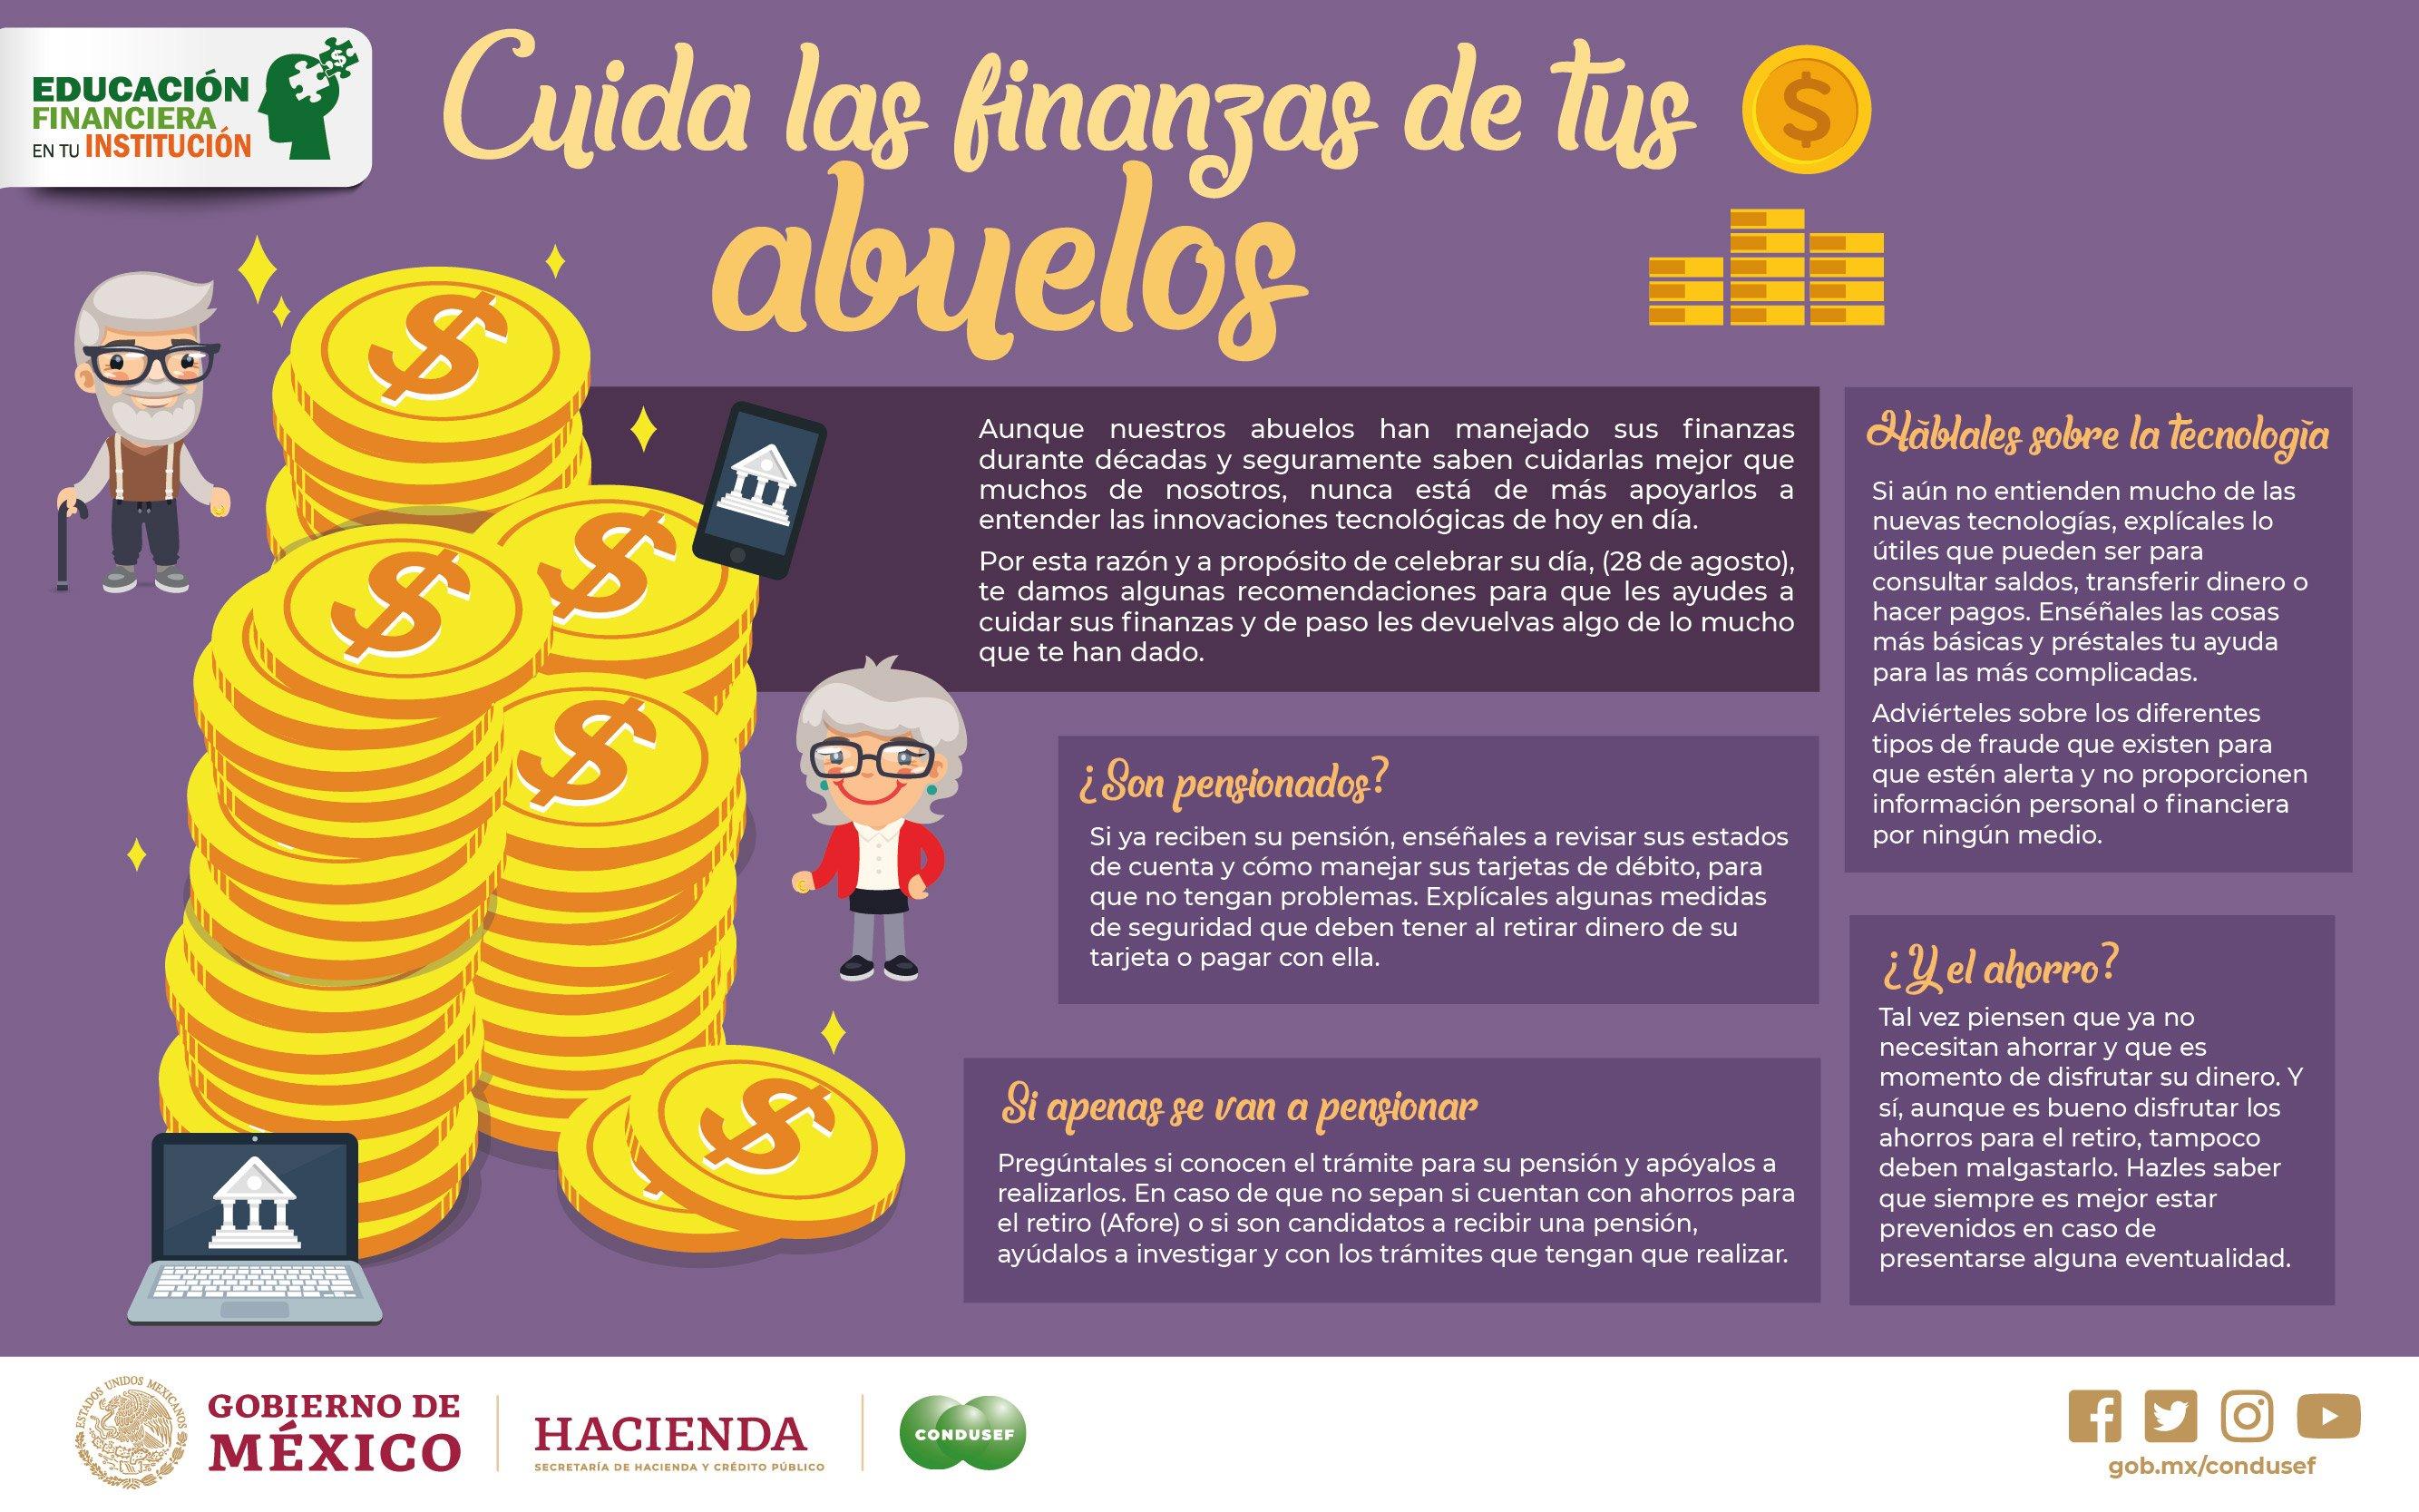 Cuida las finanzas de tus abuelos